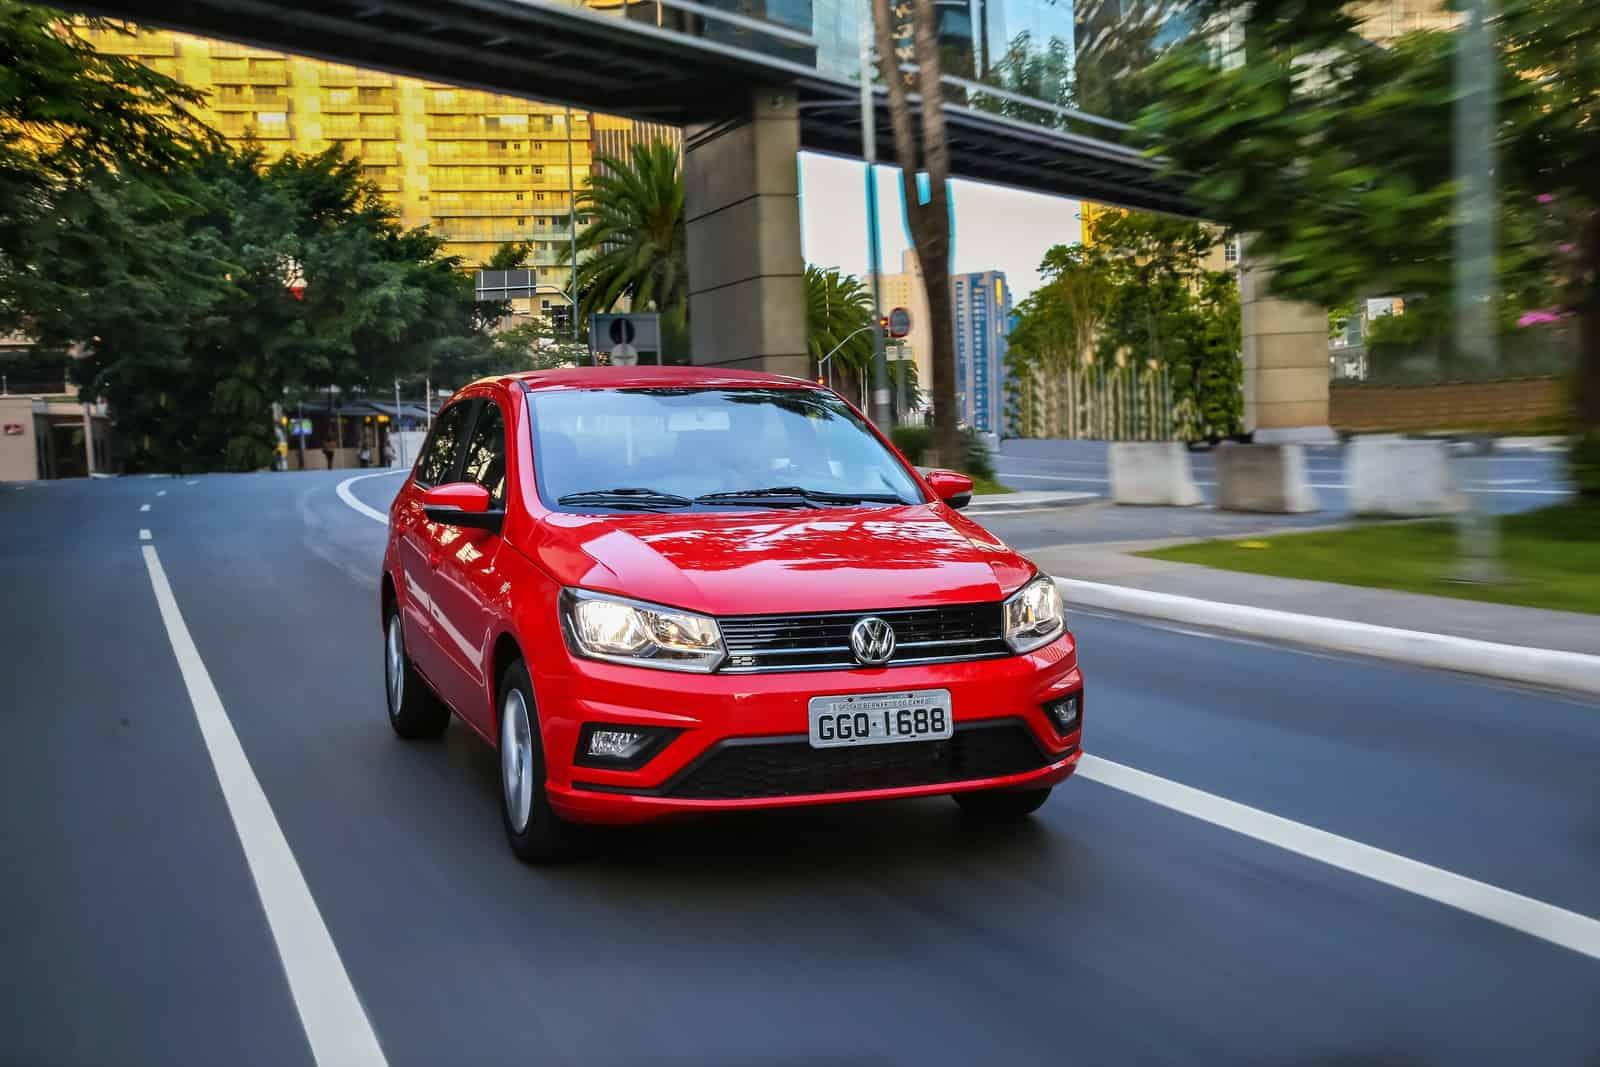 Vendas de automóveis cai 21,6% no terceiro trimestre; carros de luxo se destacam